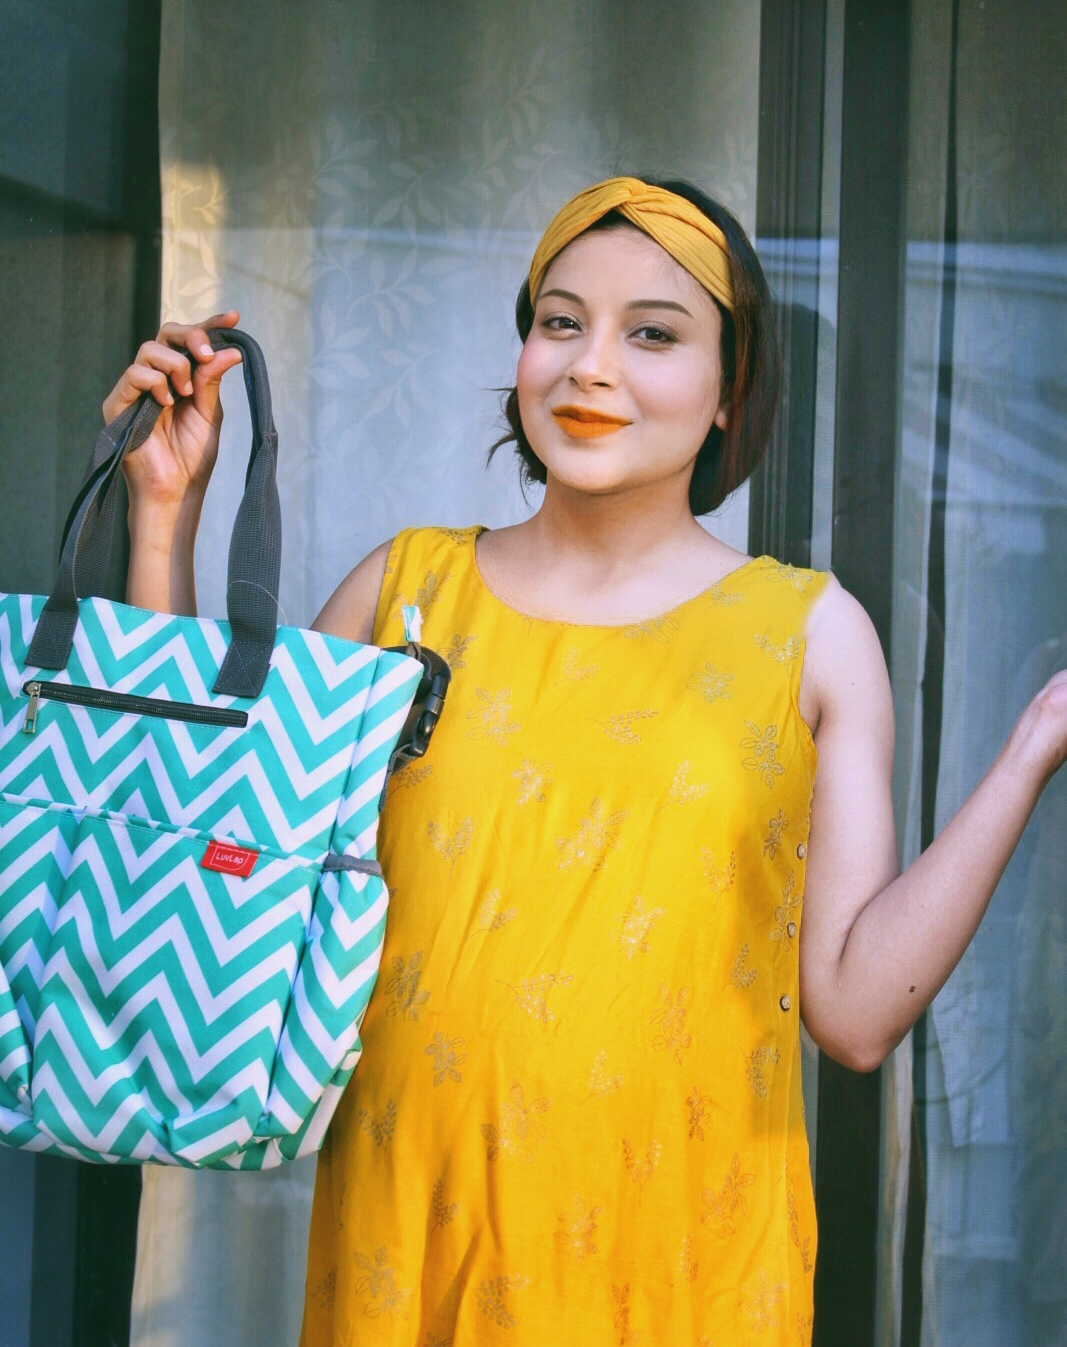 baby diaper bags, diaper bag, luvlap diaper bag, diaper bags in india, diaper bag online, mom bloggers India, baby blogs india, mother blog India, mother bloggers India,